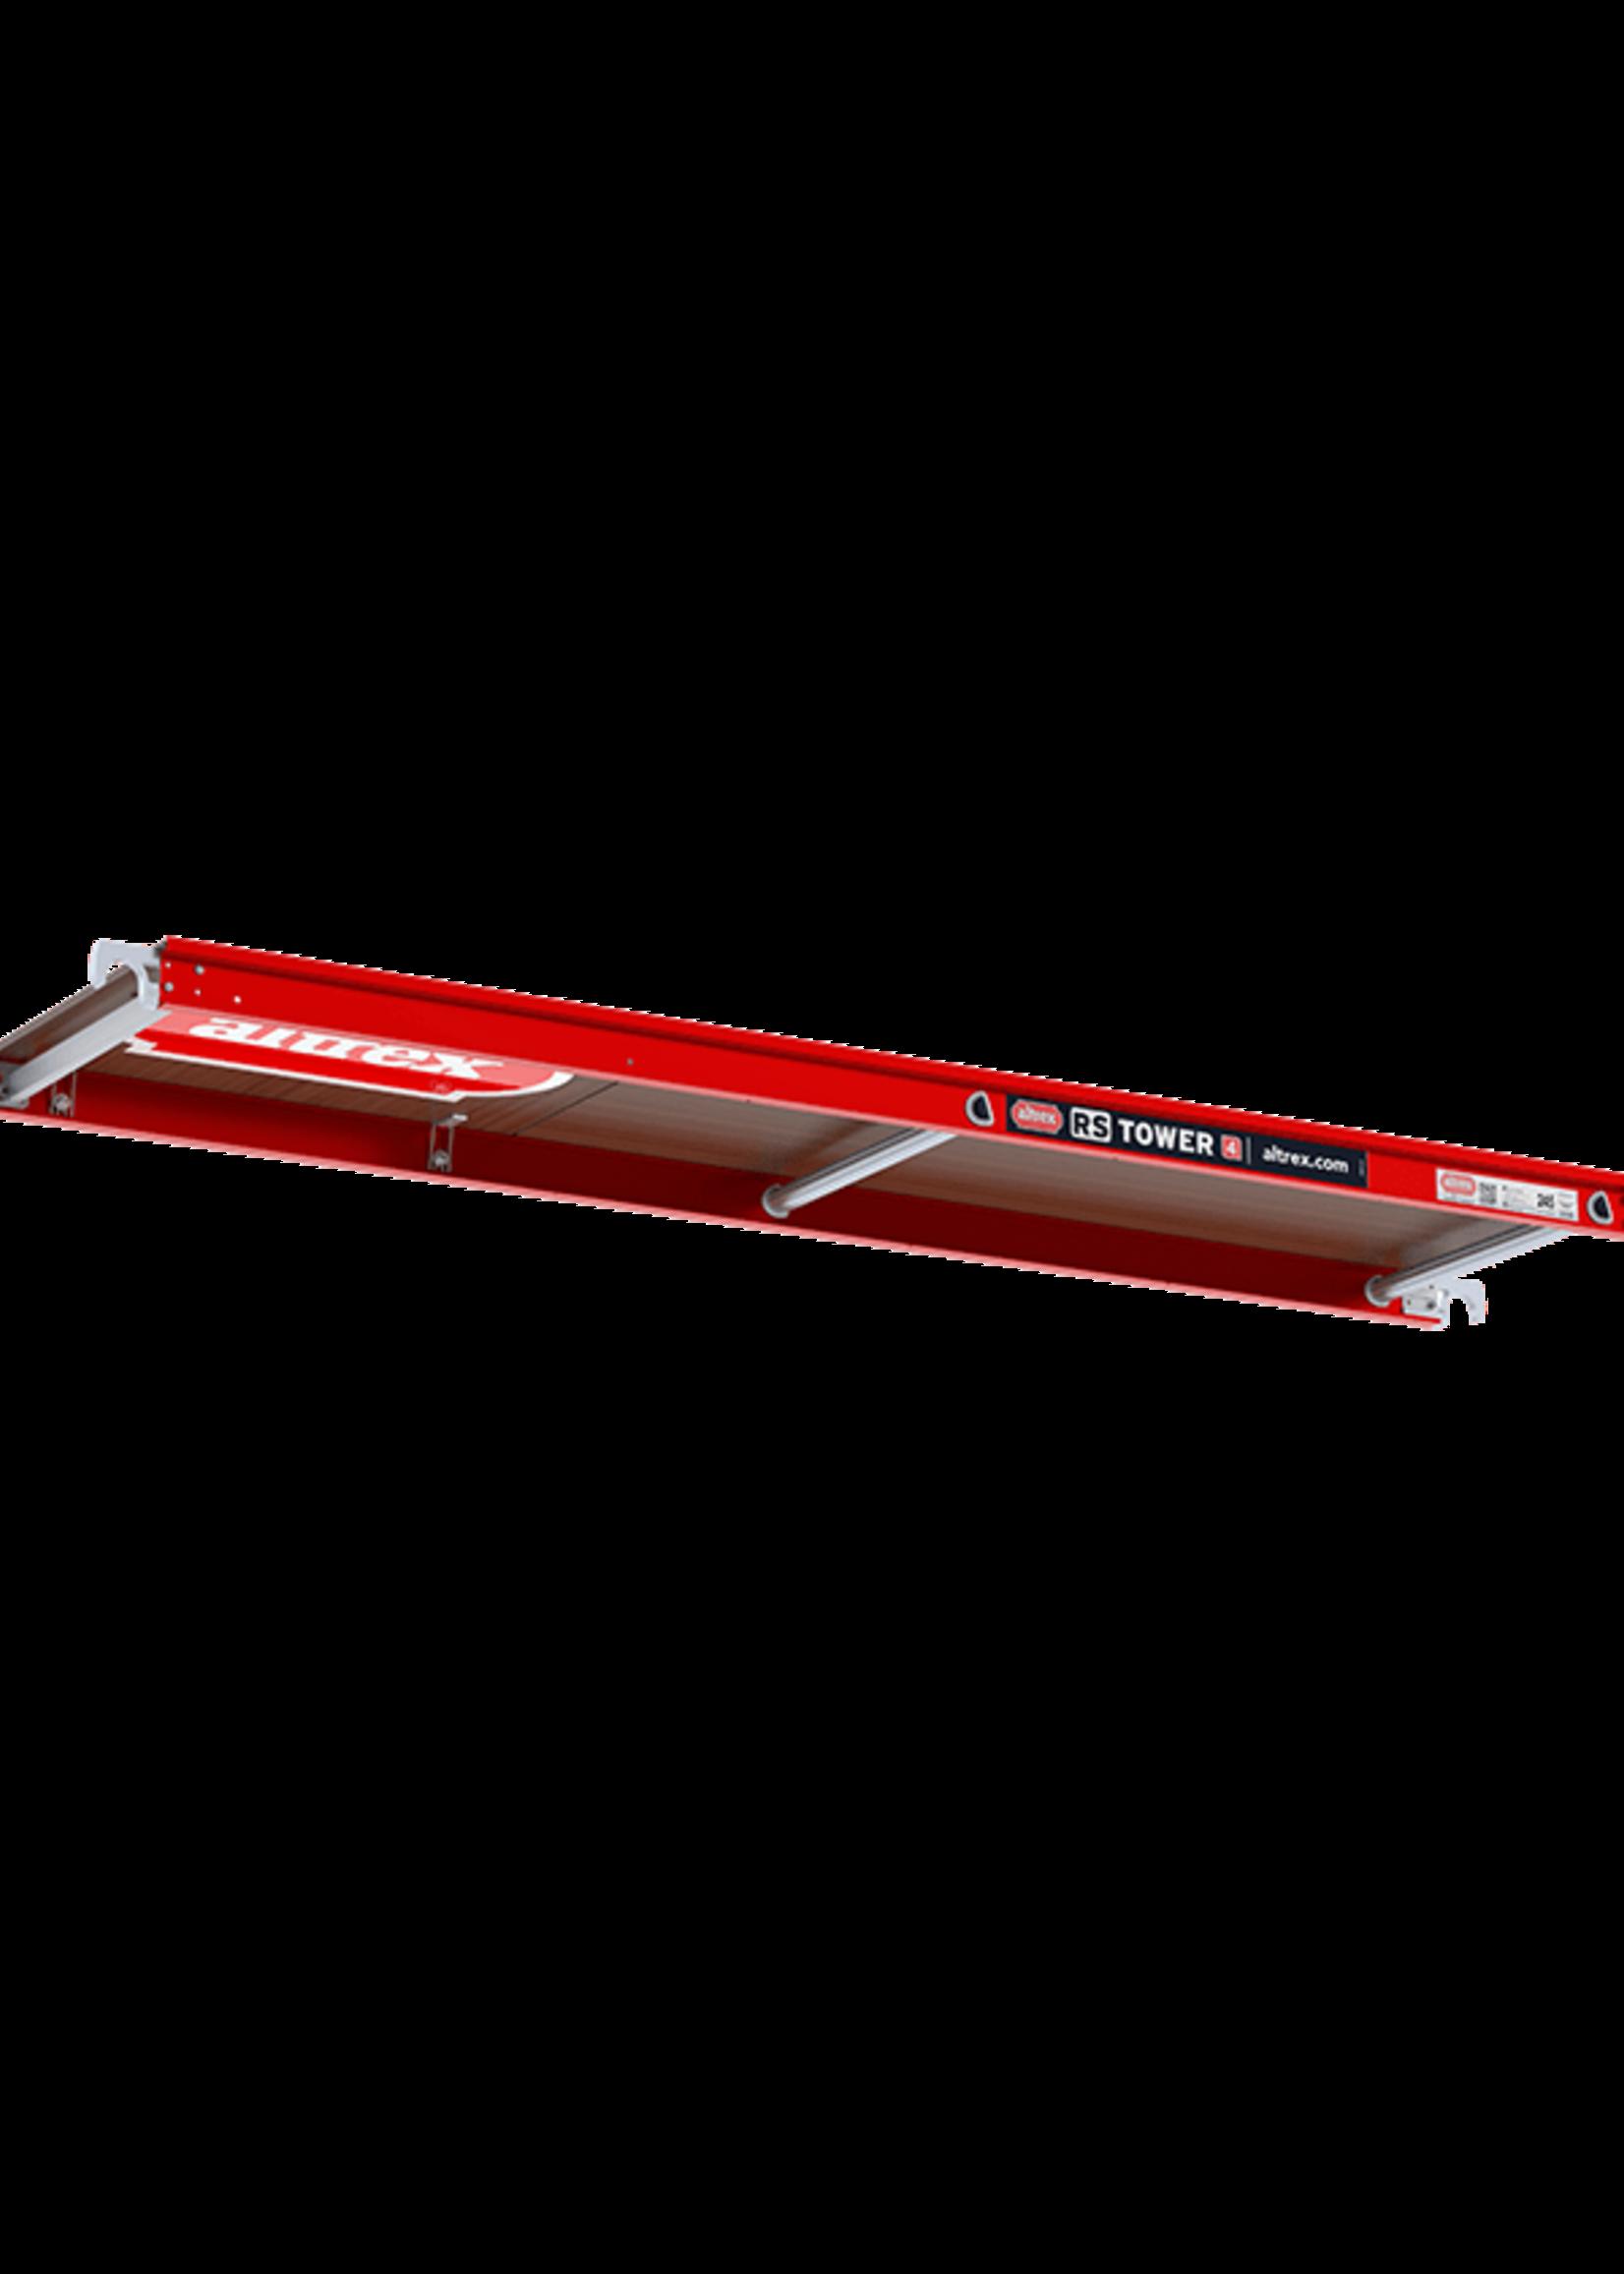 Altrex platform hout met luik 3.05m rs tower 5-serie